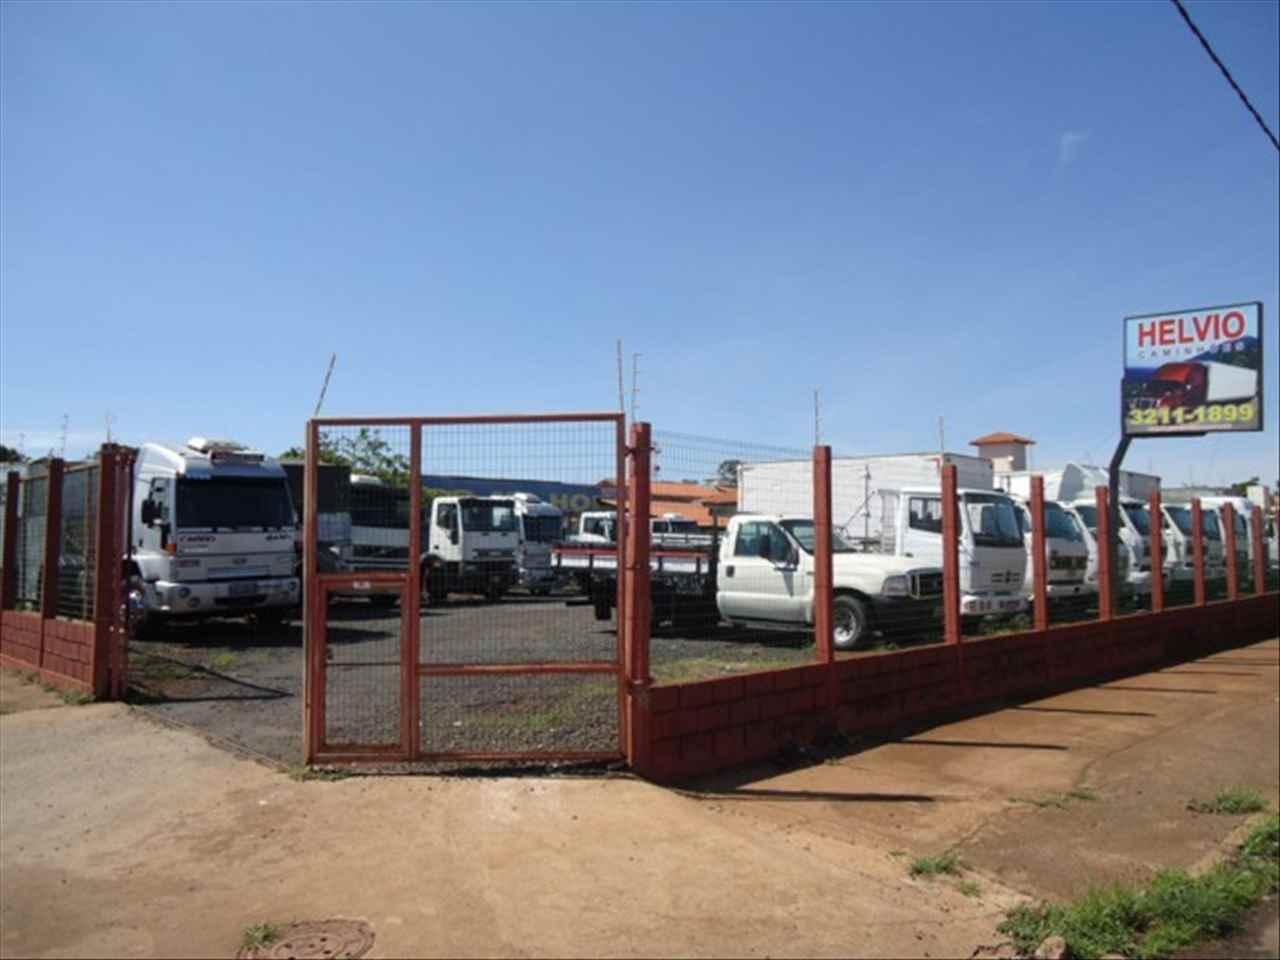 Foto da Loja da Helvio Caminhões